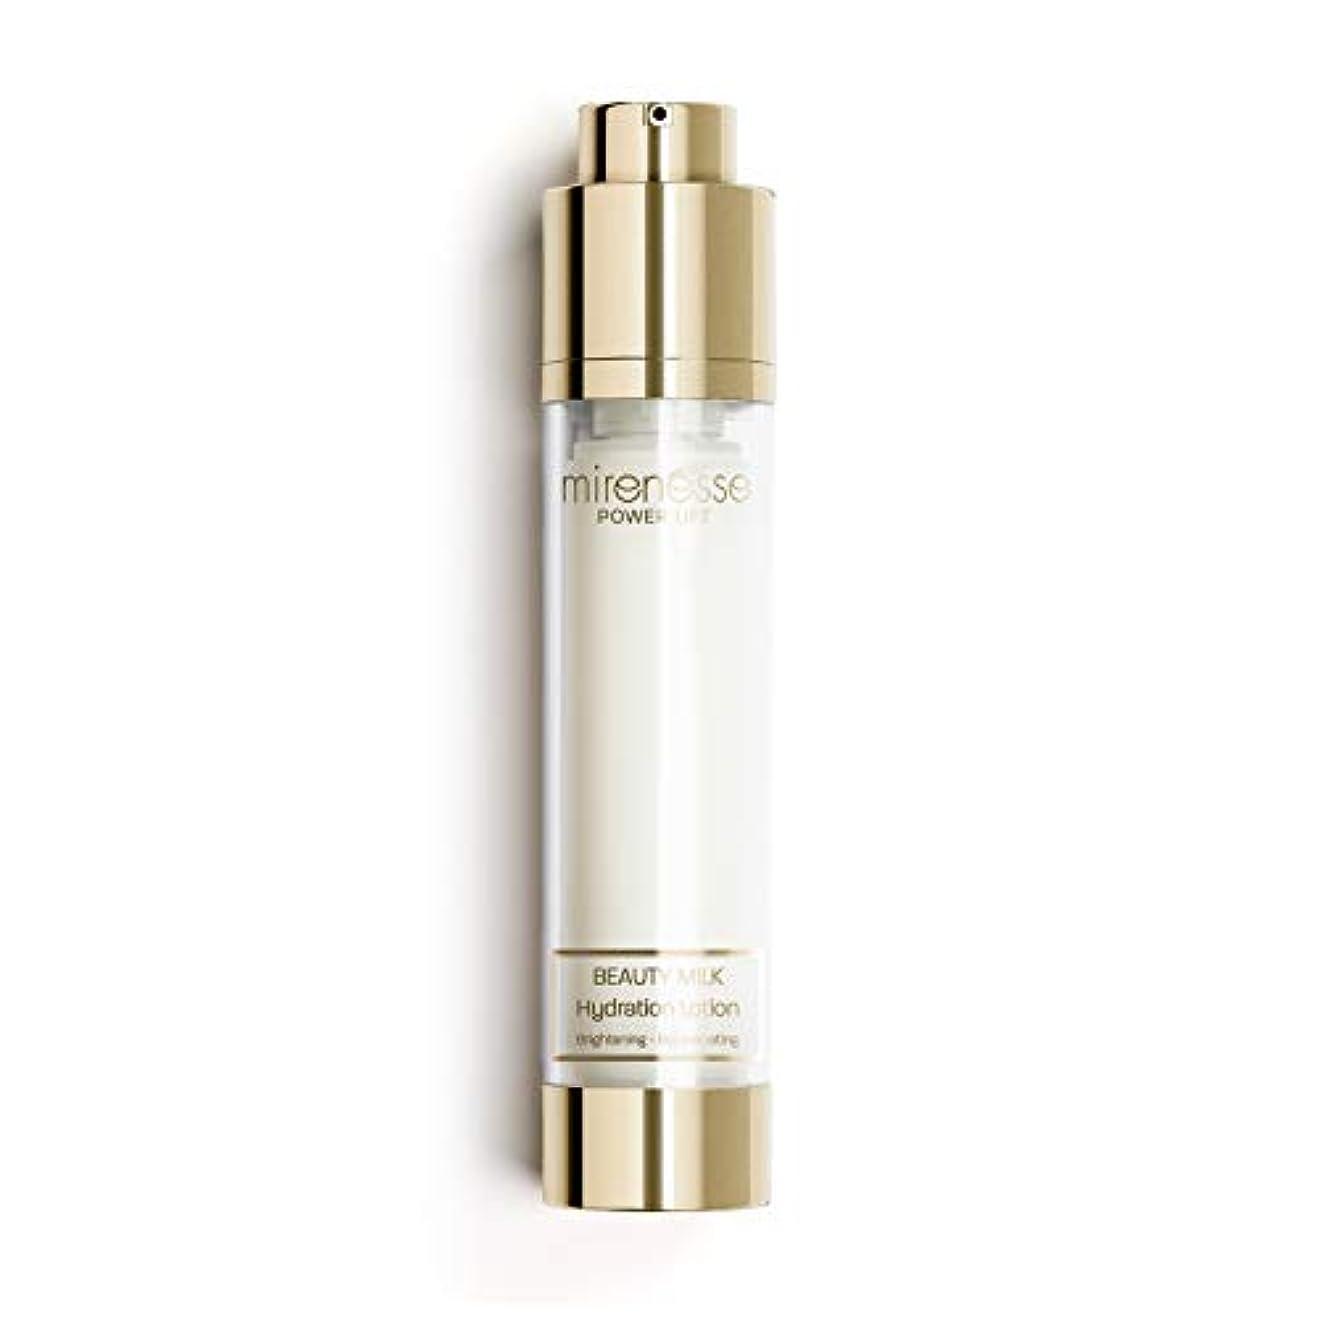 カカドゥ発音喪Mirenesse Cosmetics Power Lift Beauty Milk Intense Hydration Lotion